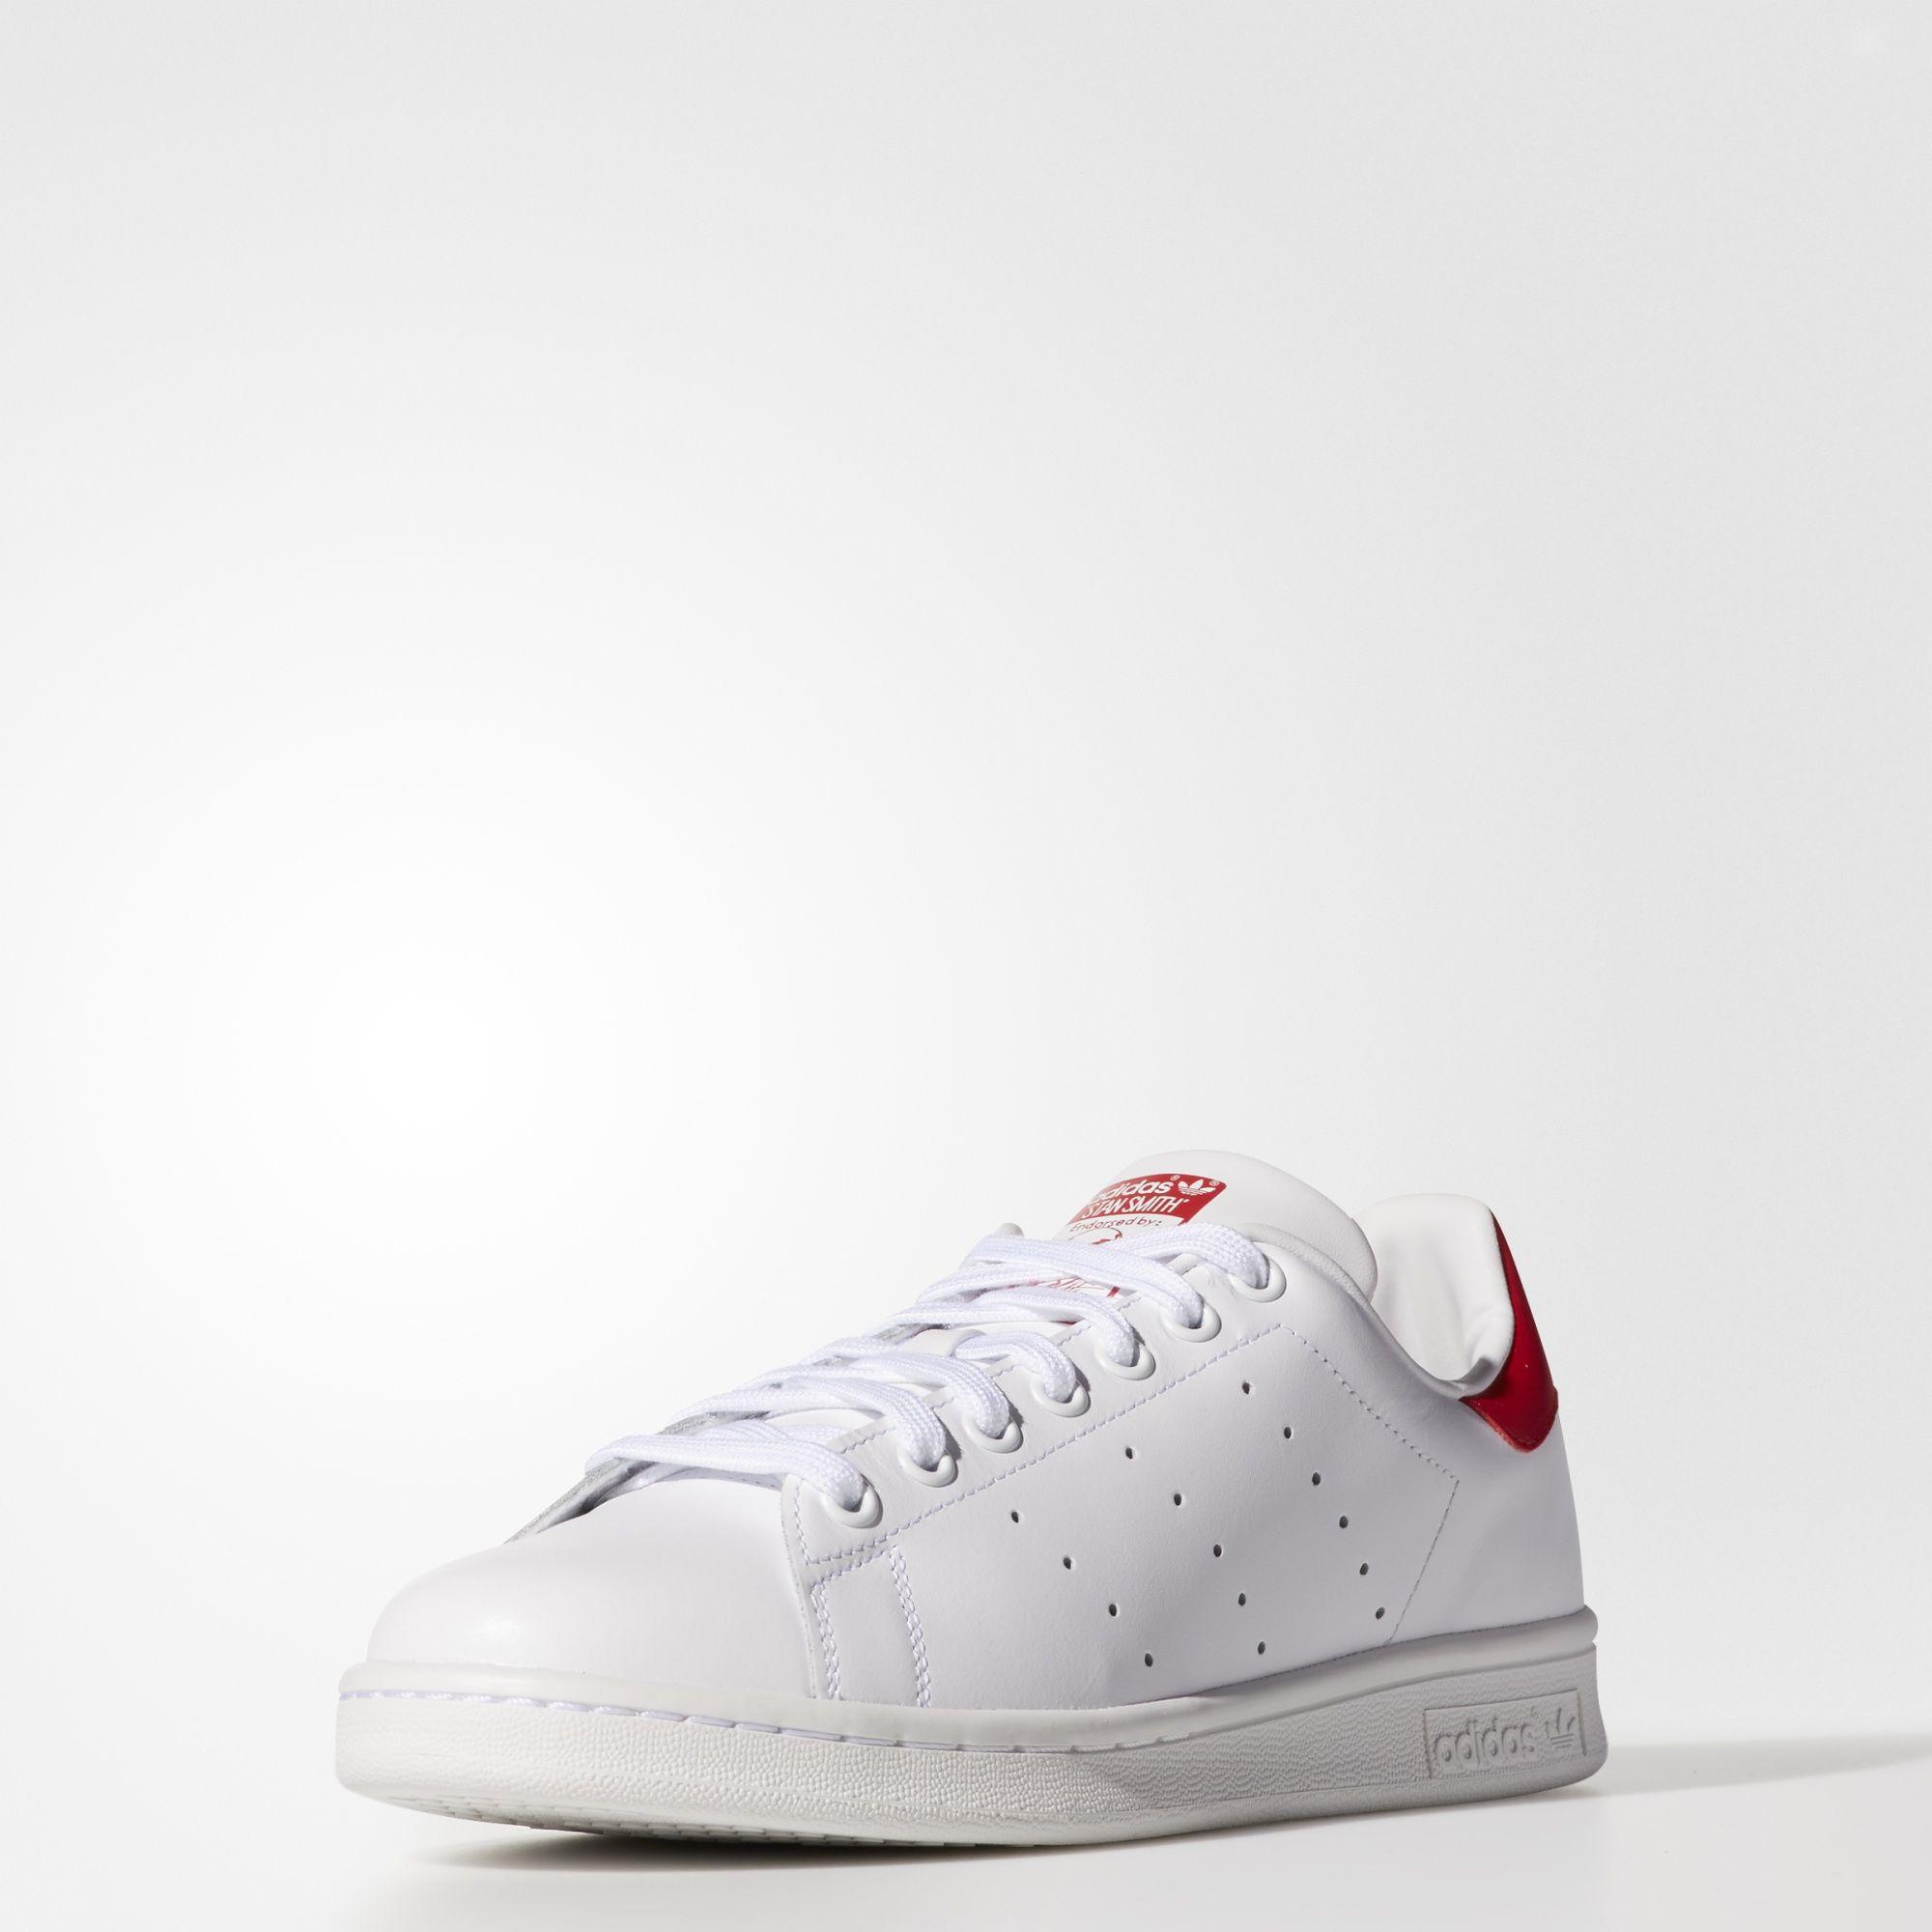 f71e364fbbd Sneakers M20326 Zapatillas Adidas Stan Smith Blanco y Rojo Hombre